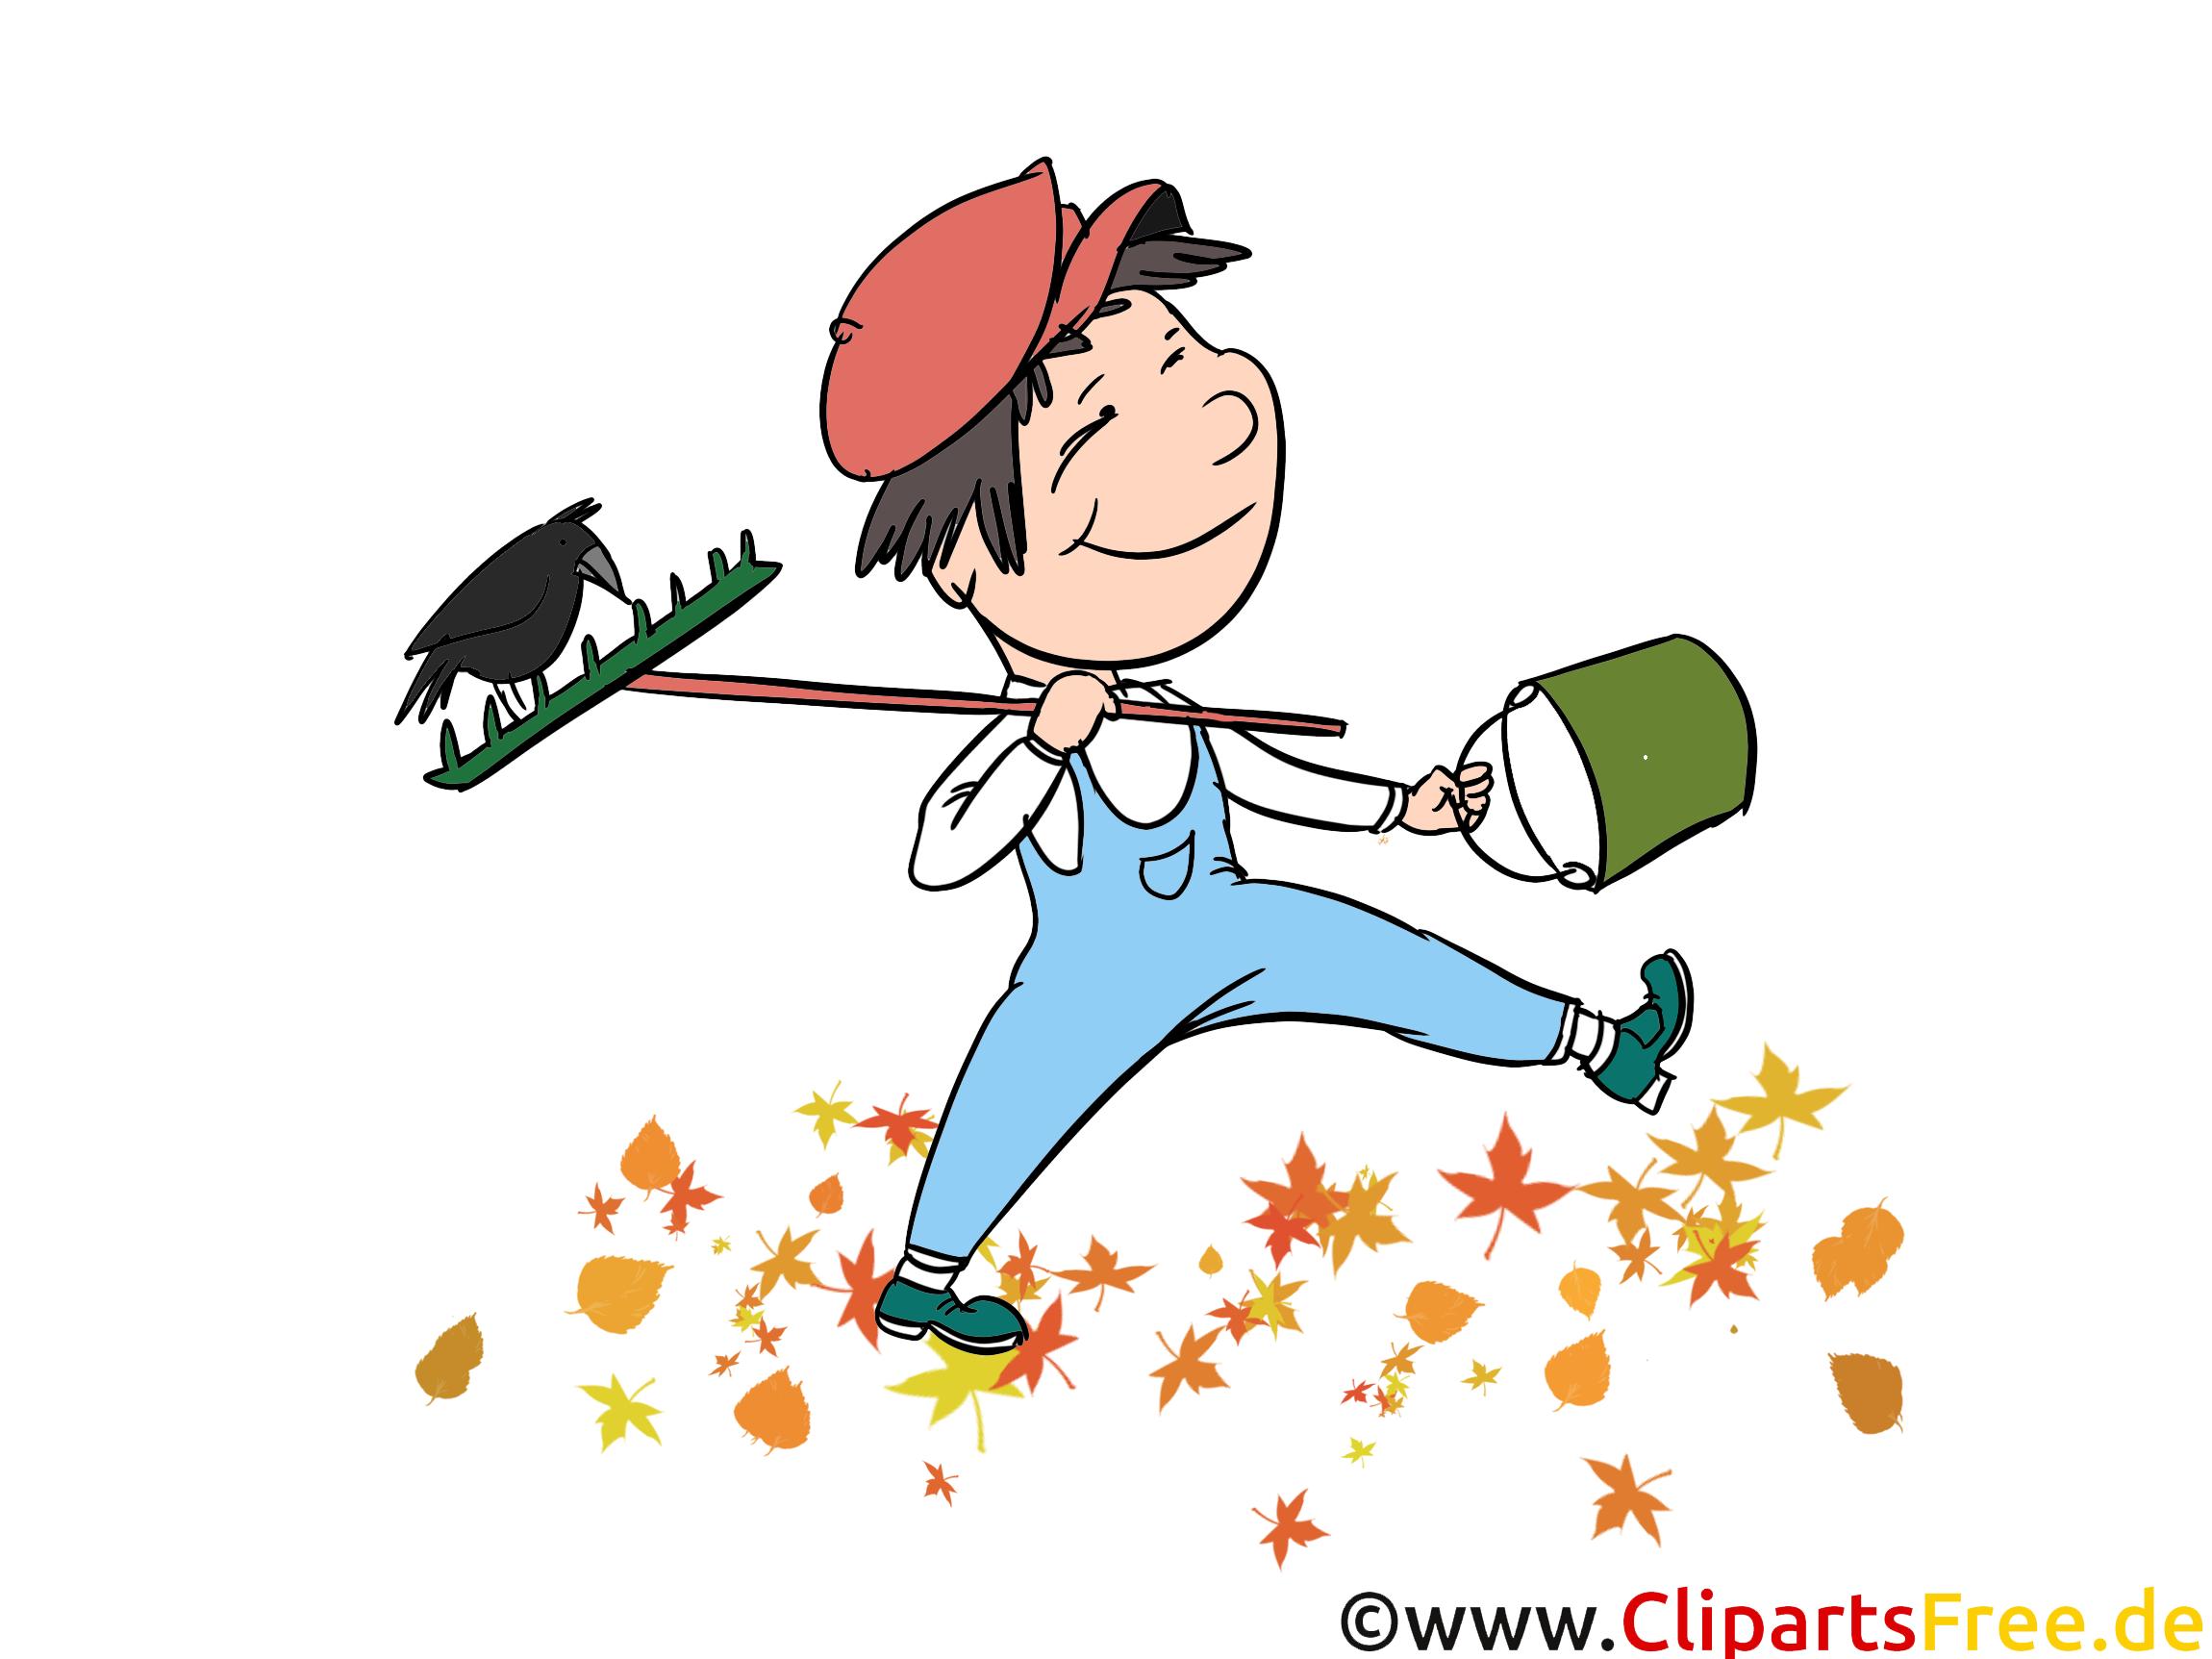 Kleiner Gärtner Illustration, Grafik, Comic, Cartoon, Clipart